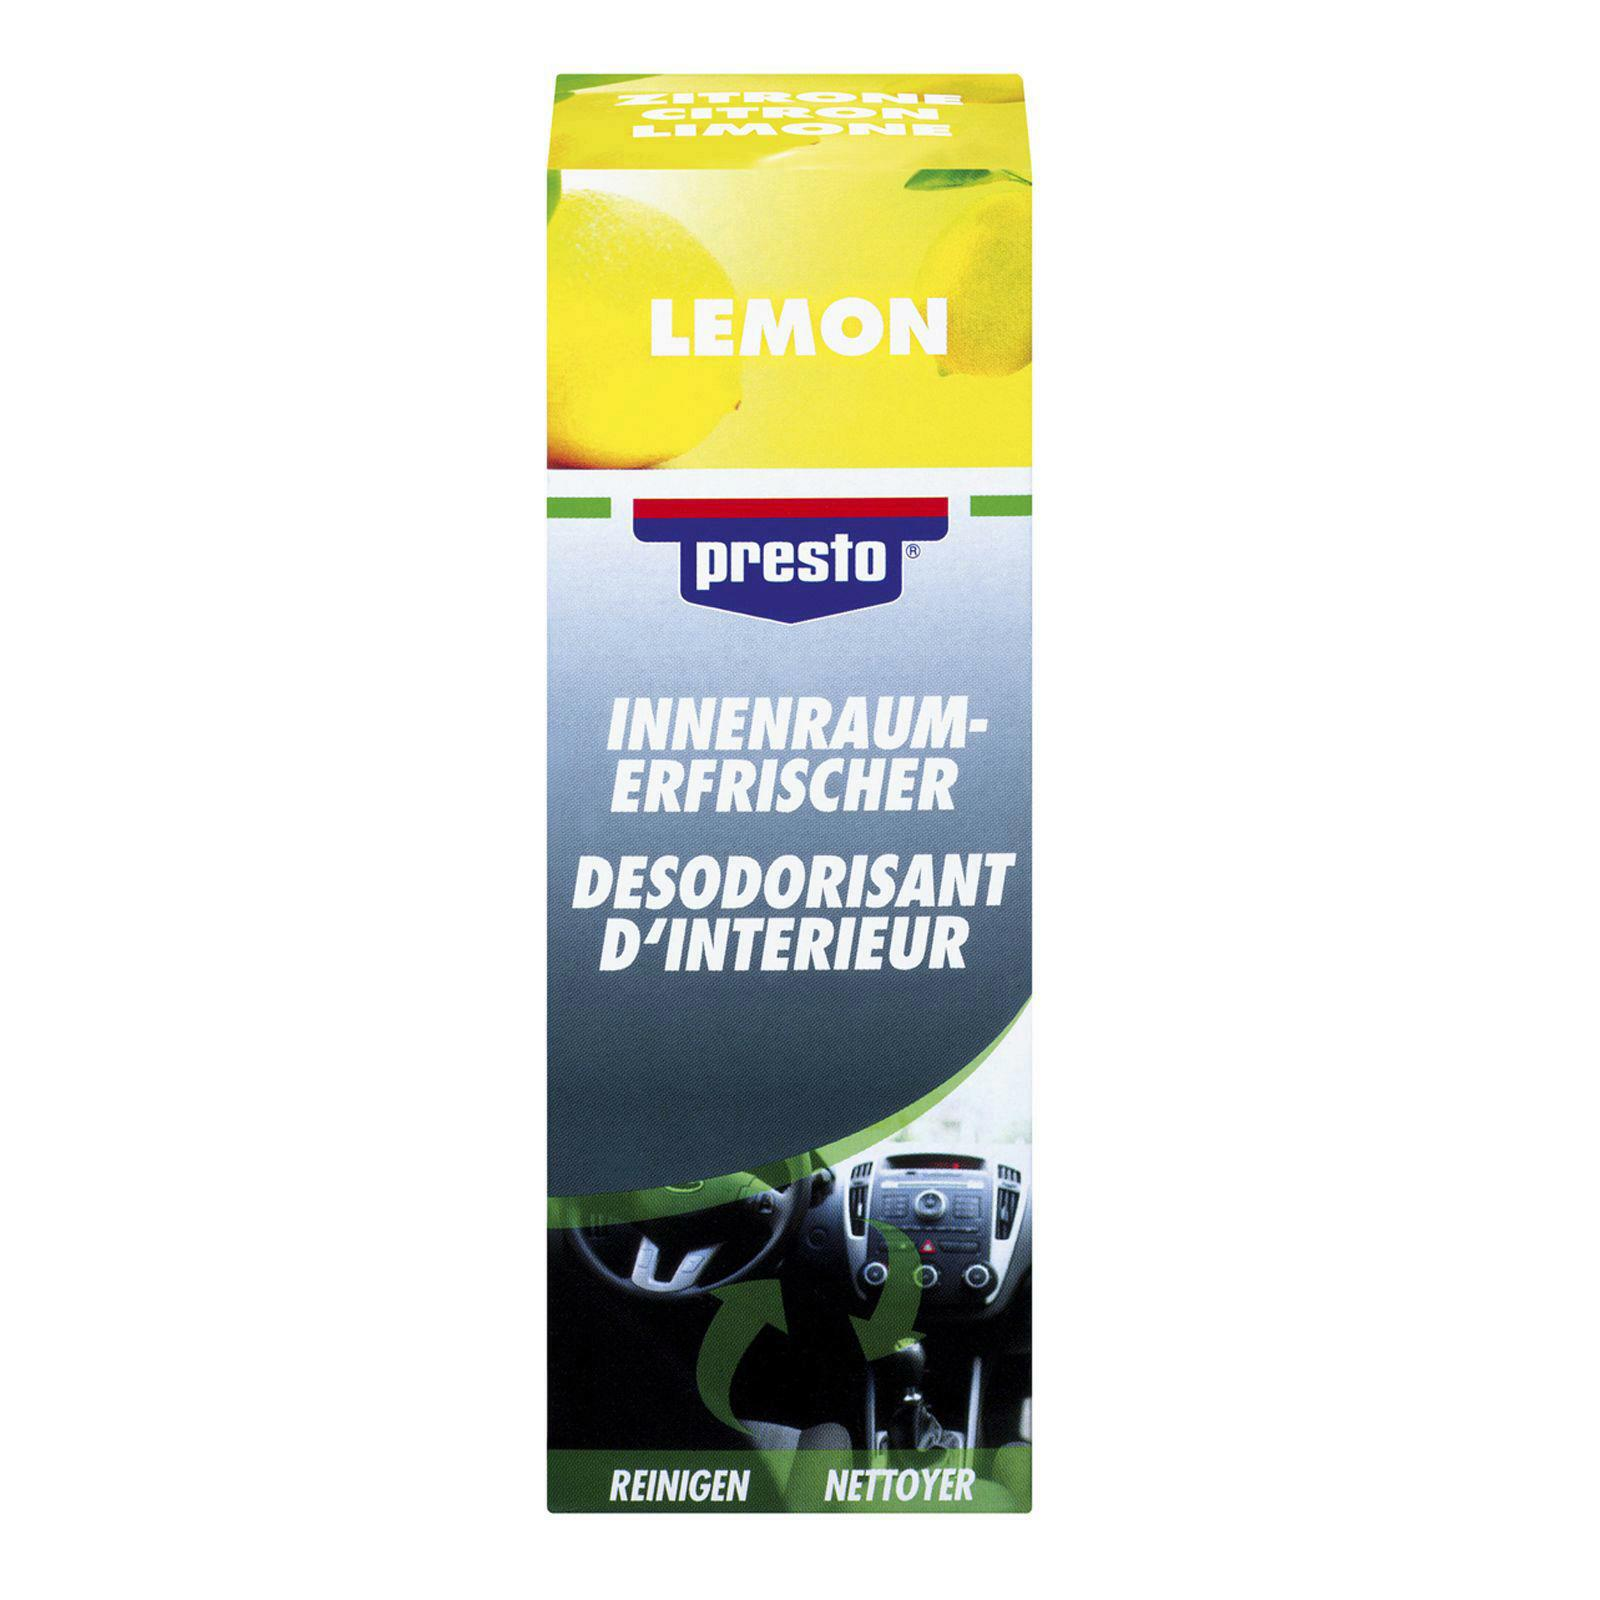 PRESTO Klimaanlagenreiniger Lemon 150ml